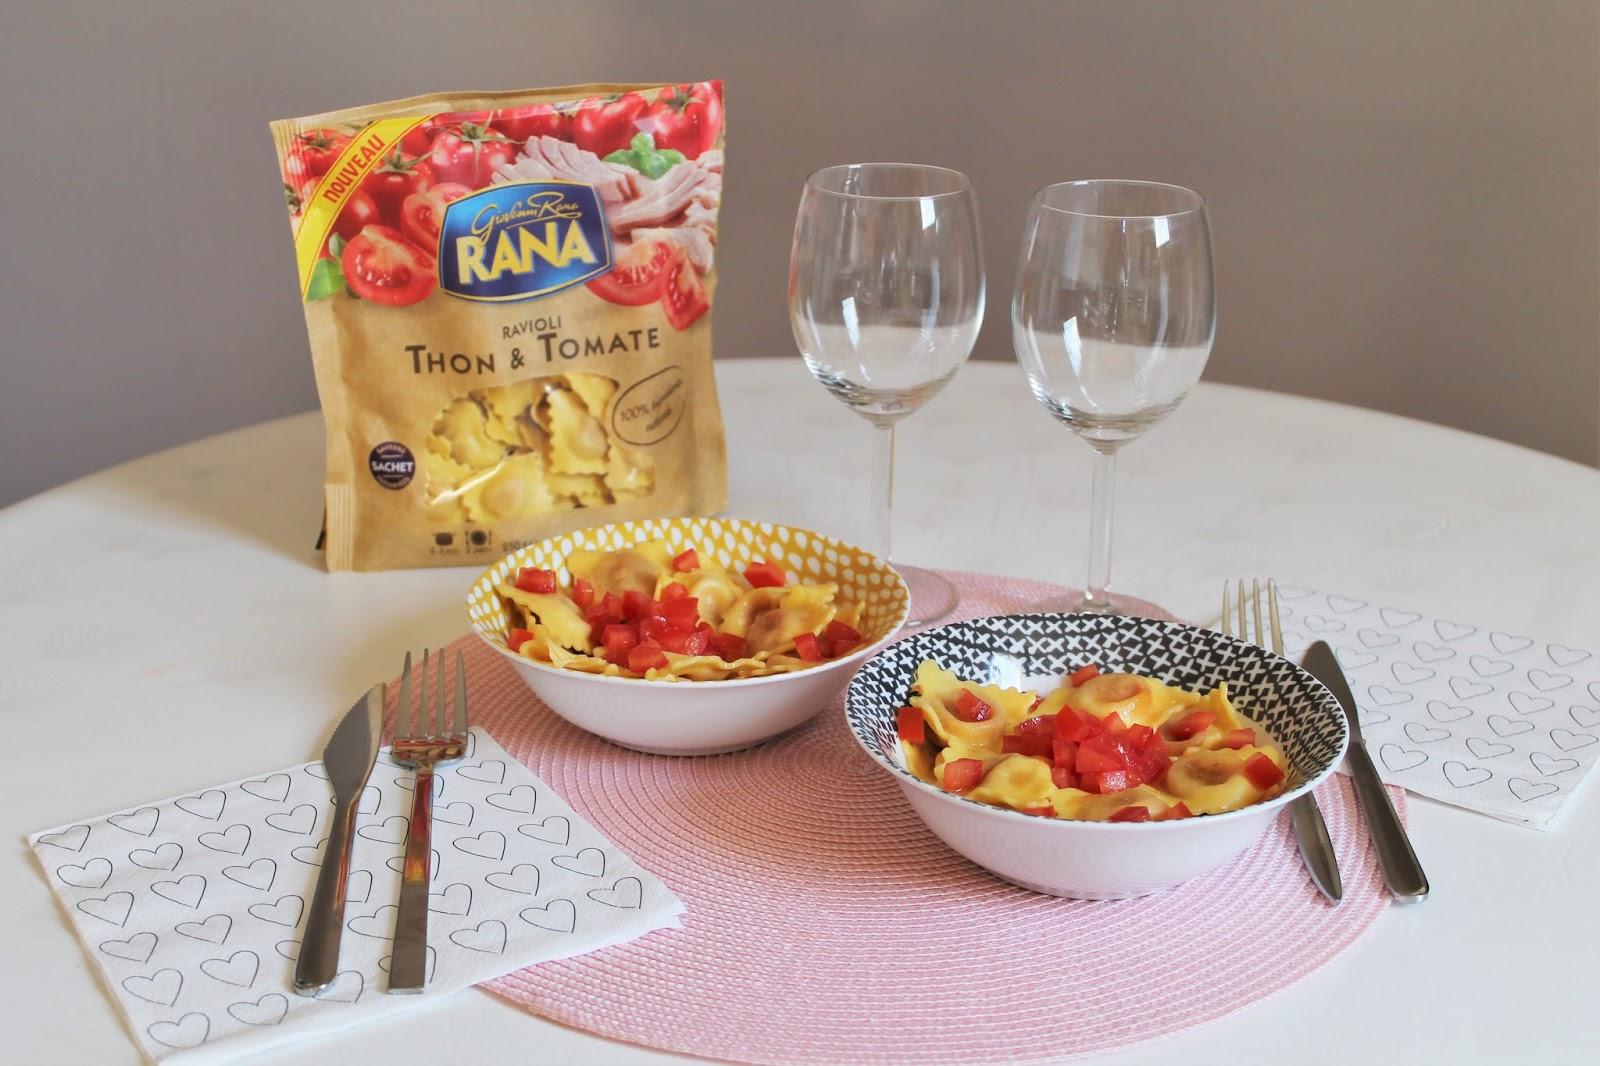 giovanni rana france événement italie pates pasta ravioli tortellini duetto nouveauté fraiches hopscotch food